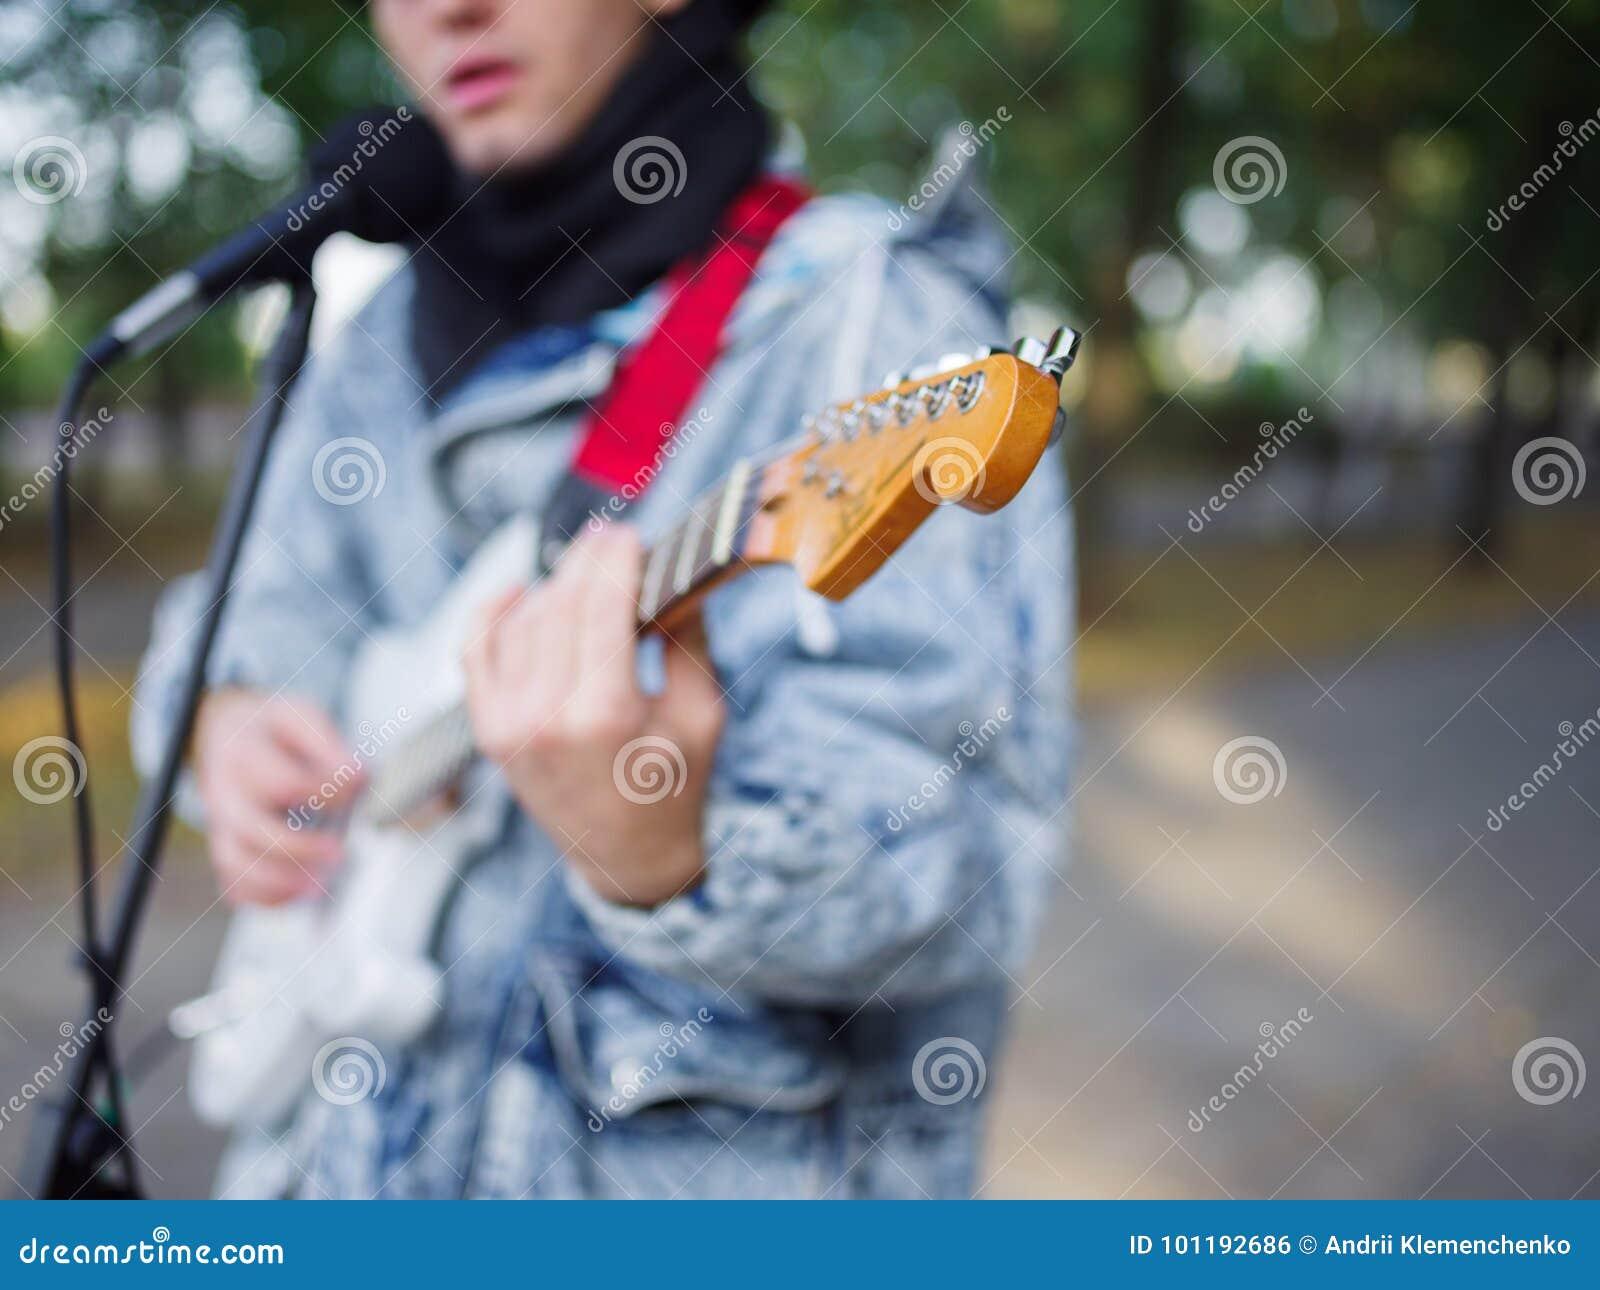 Молодая девушка играет с молодым парнем